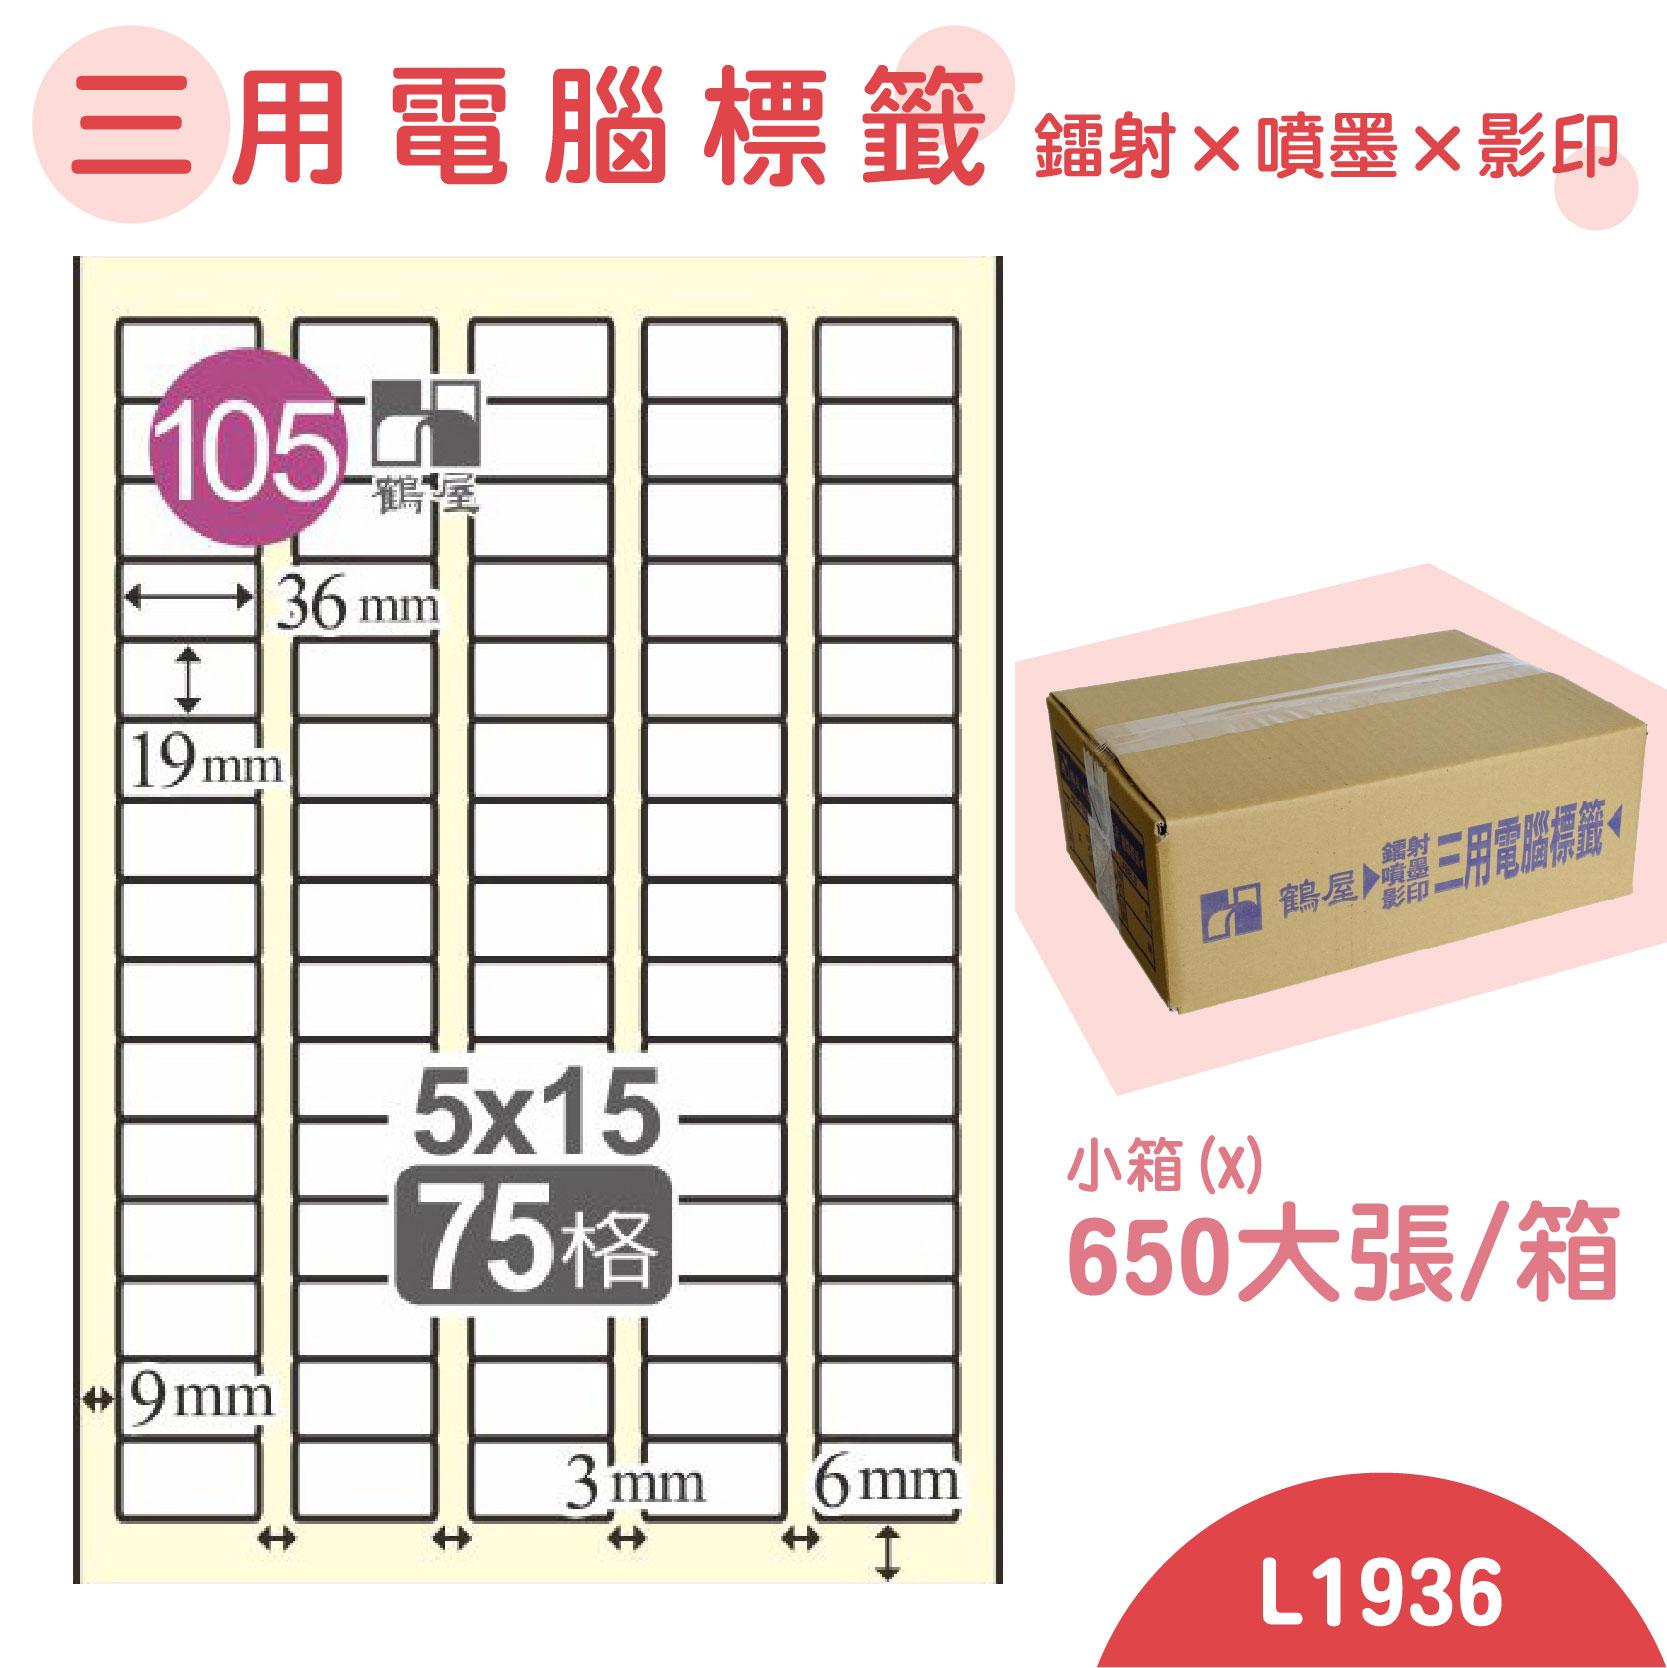 電腦標籤紙(鶴屋) 白色 L1936 75格 650大張/小箱 影印 雷射 噴墨 三用 標籤 貼紙 信封 光碟 名條